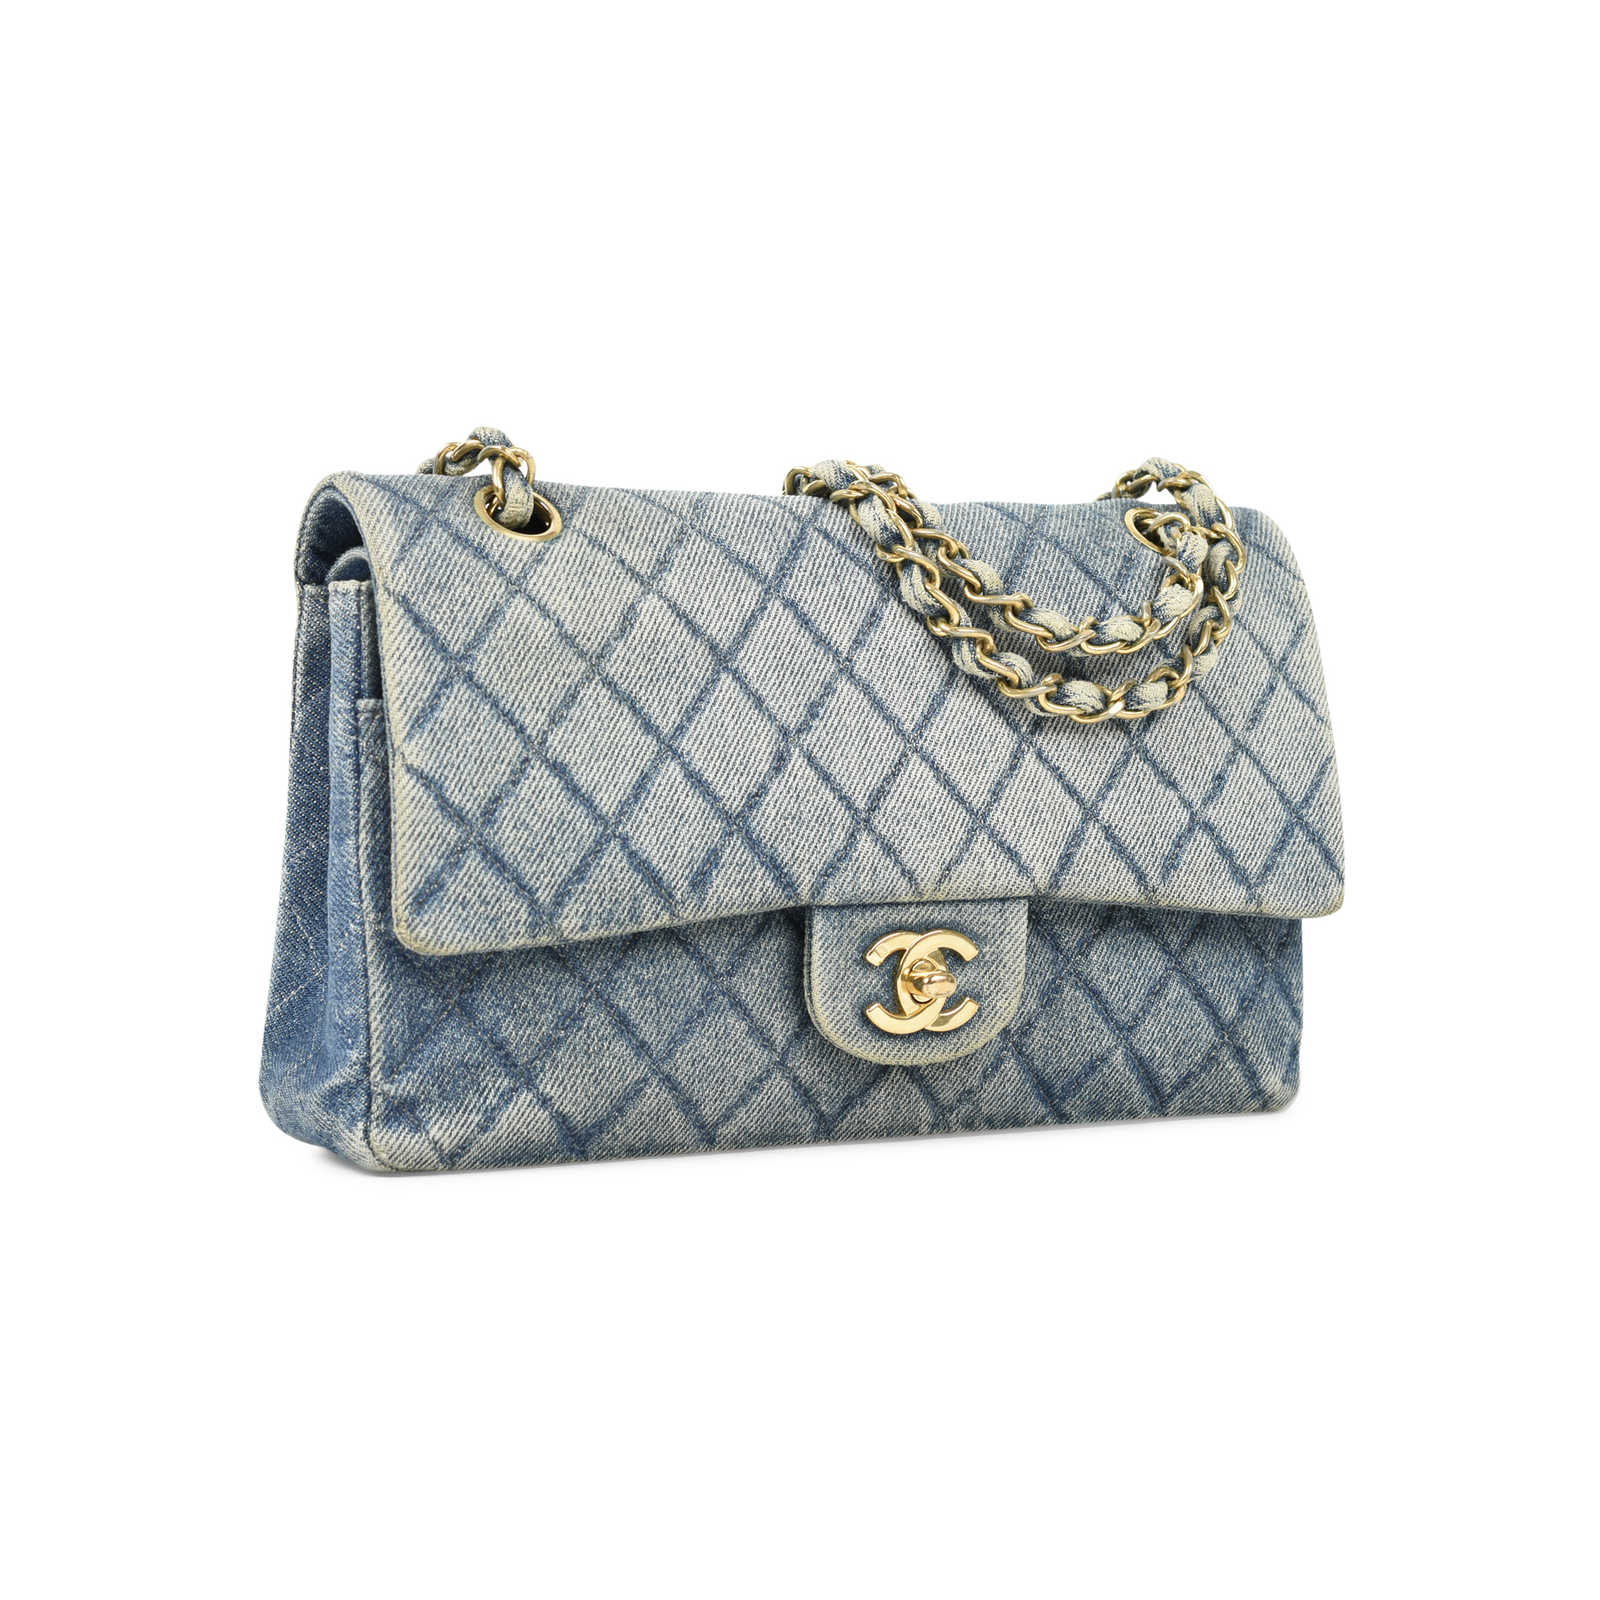 0641d4d7a ... Authentic Vintage Chanel Denim Classic Flap Bag (PSS-004-00085) -  Thumbnail ...